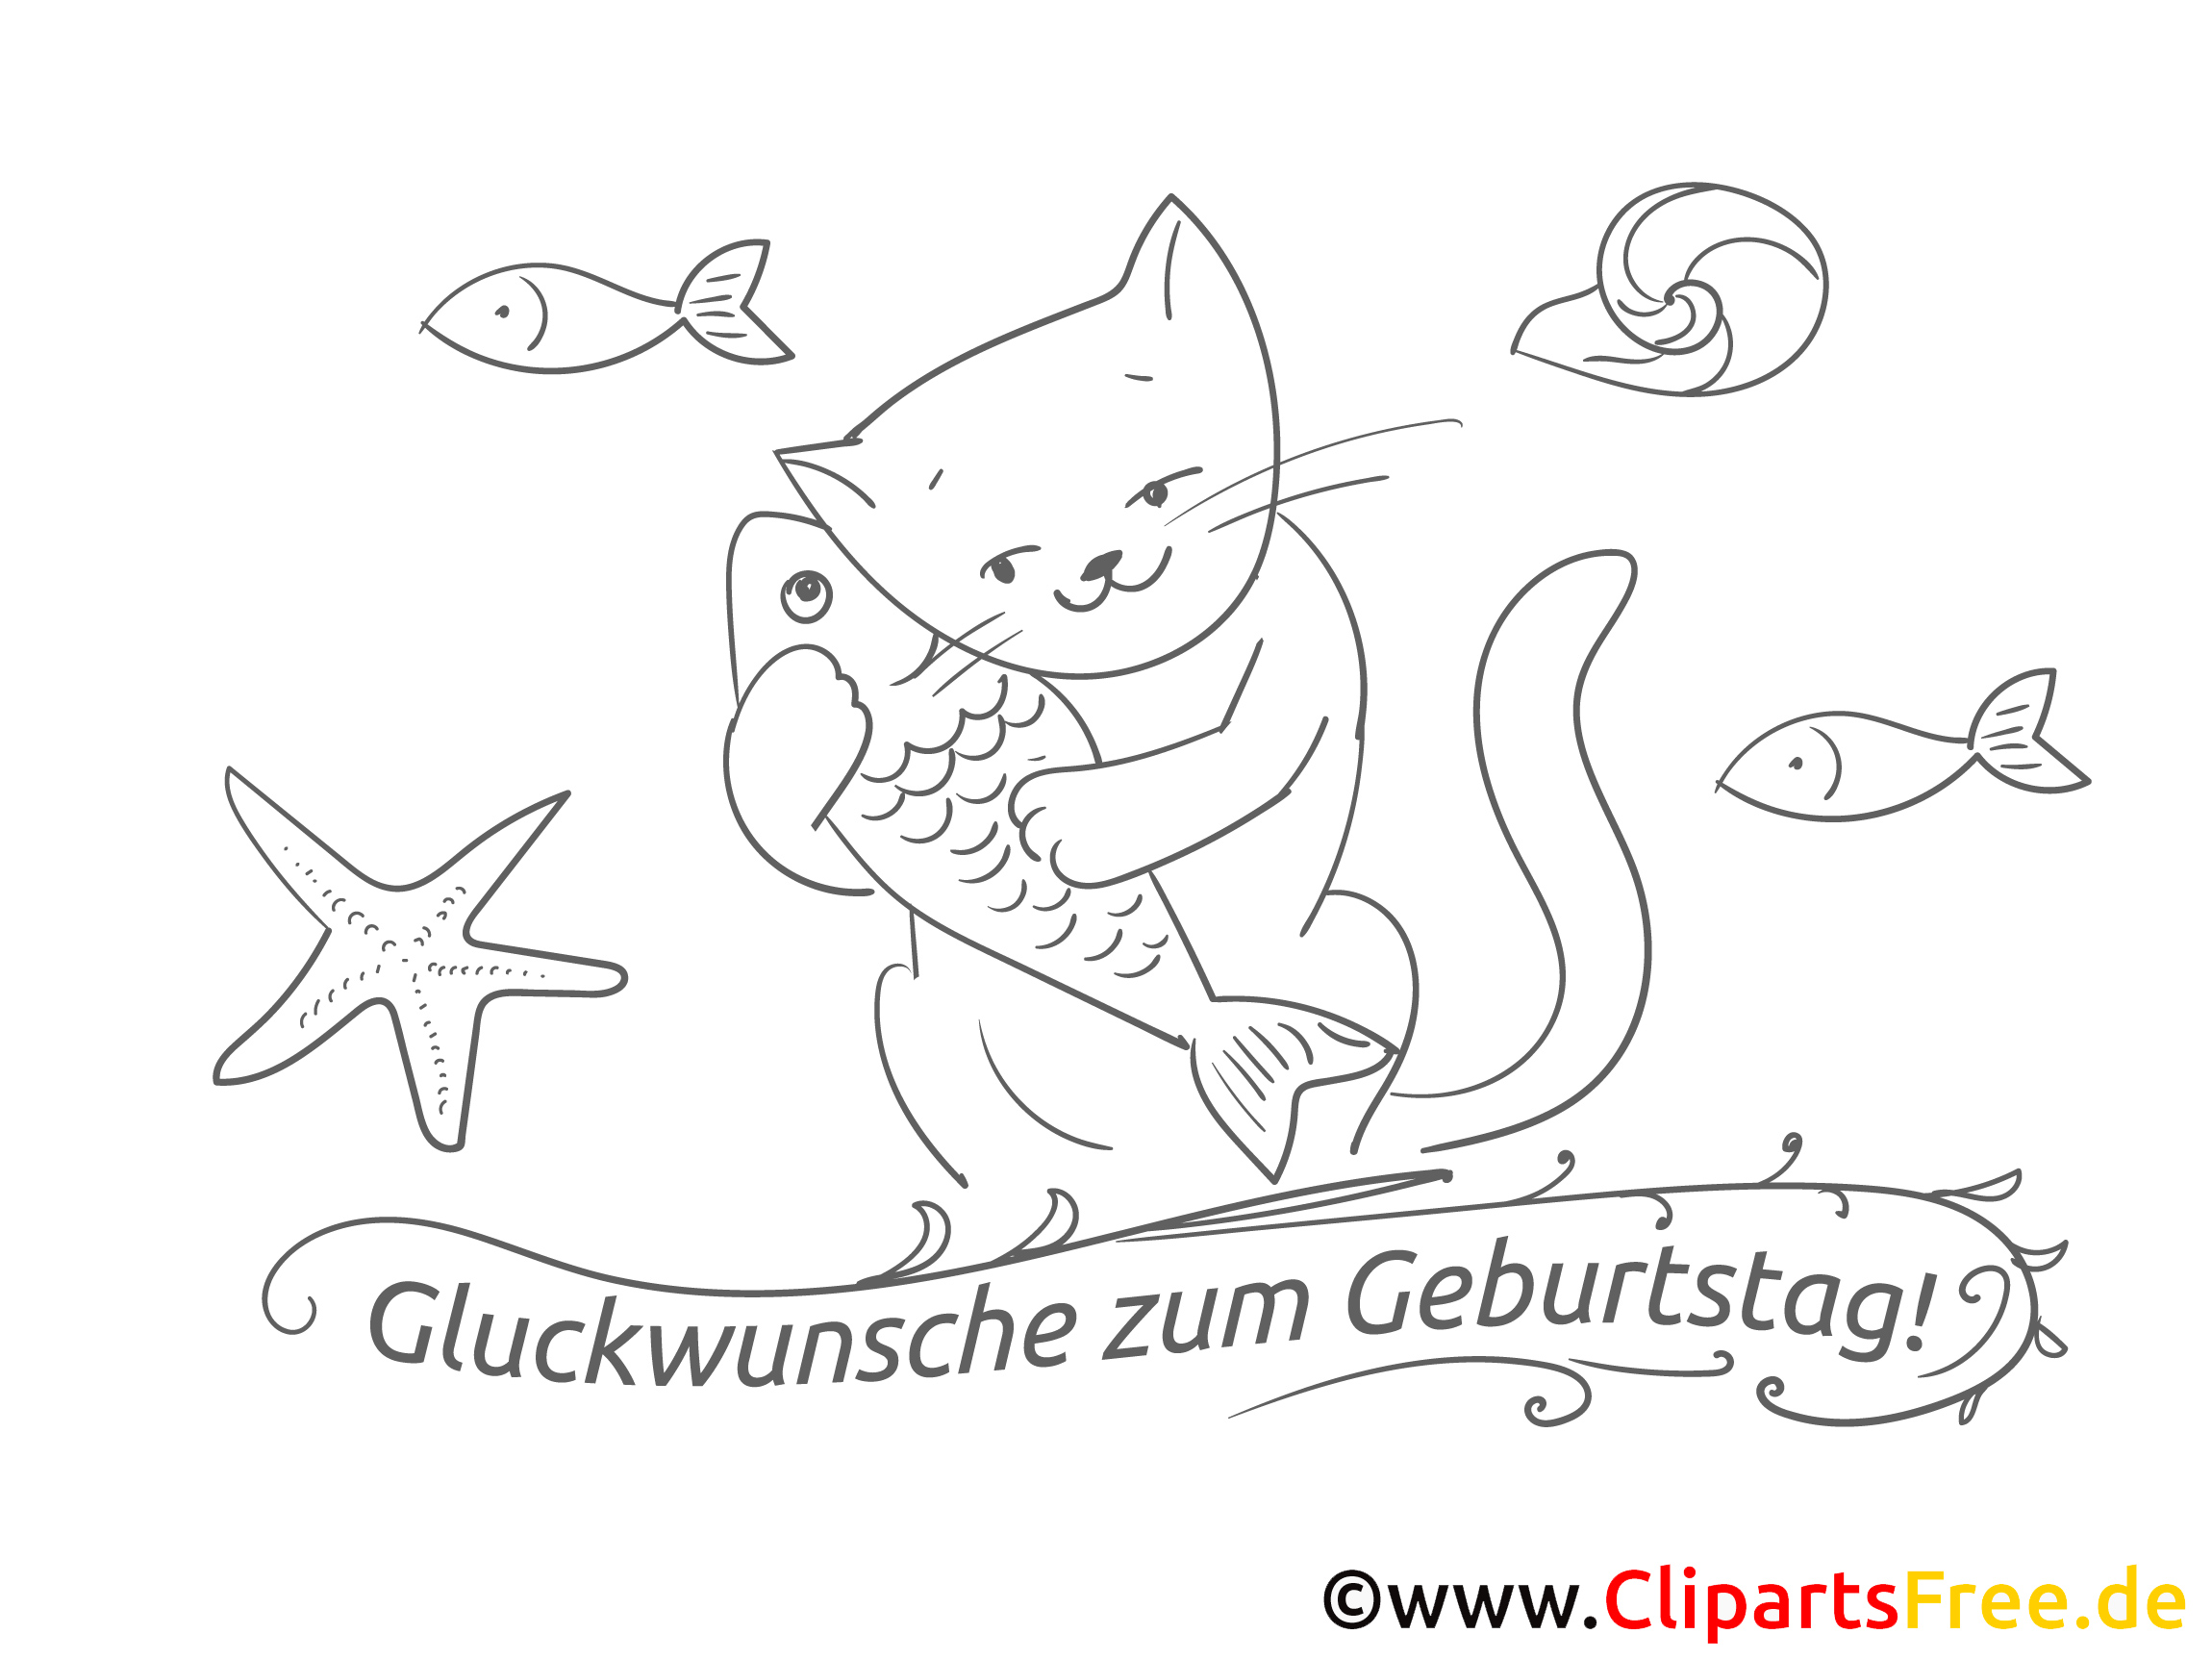 Großartig Mürrische Katze Malvorlagen Ideen - Druckbare Malvorlagen ...